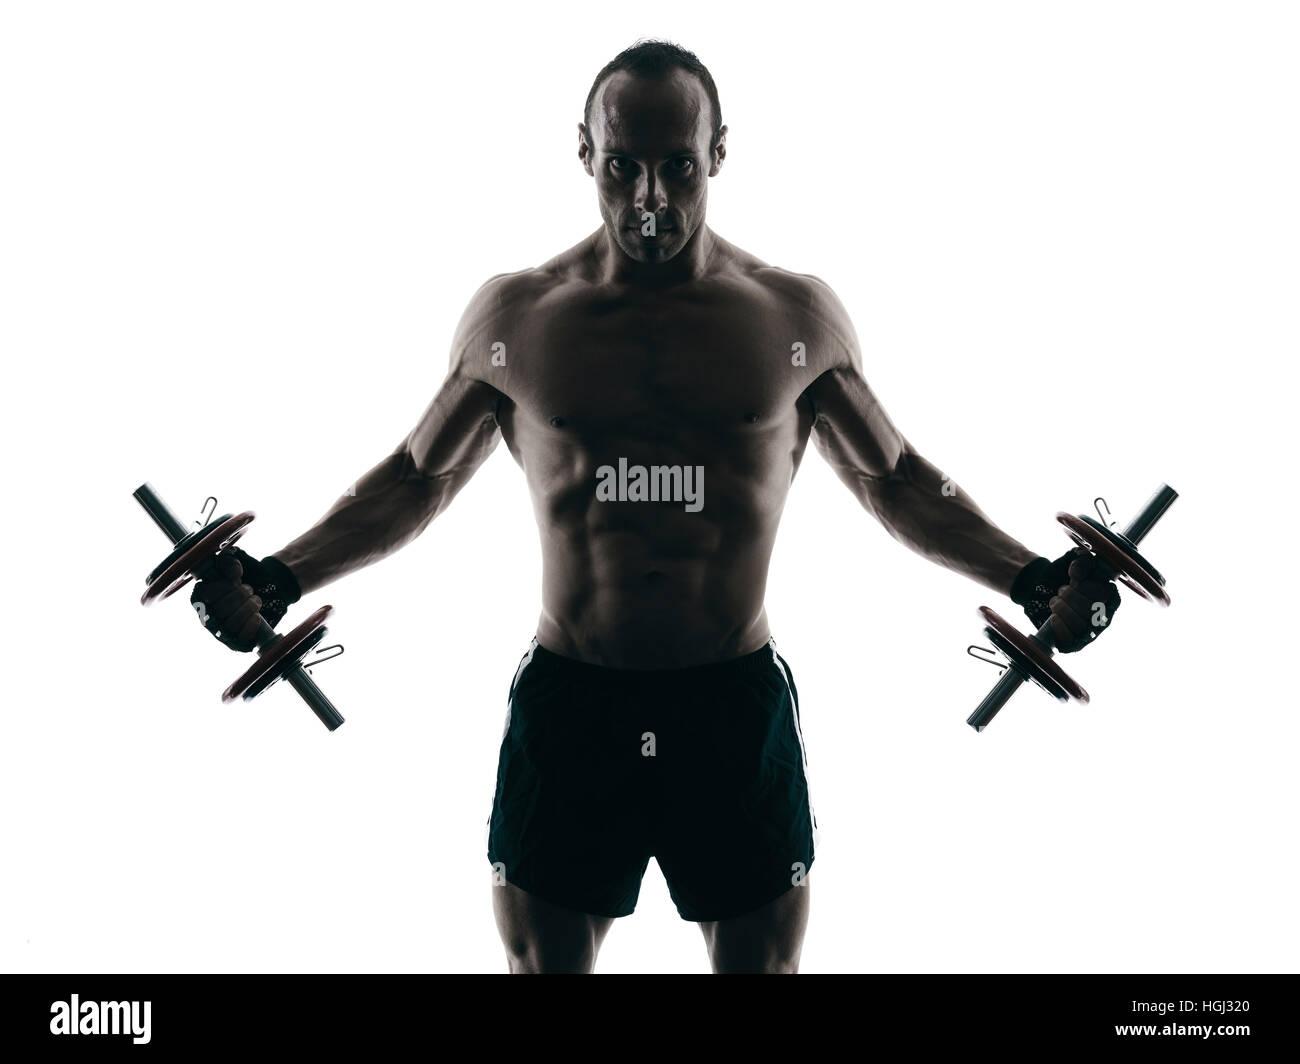 Un hombre caucásico ejercicio gimnasio body building ejercicios en studio en silueta aislado Imagen De Stock